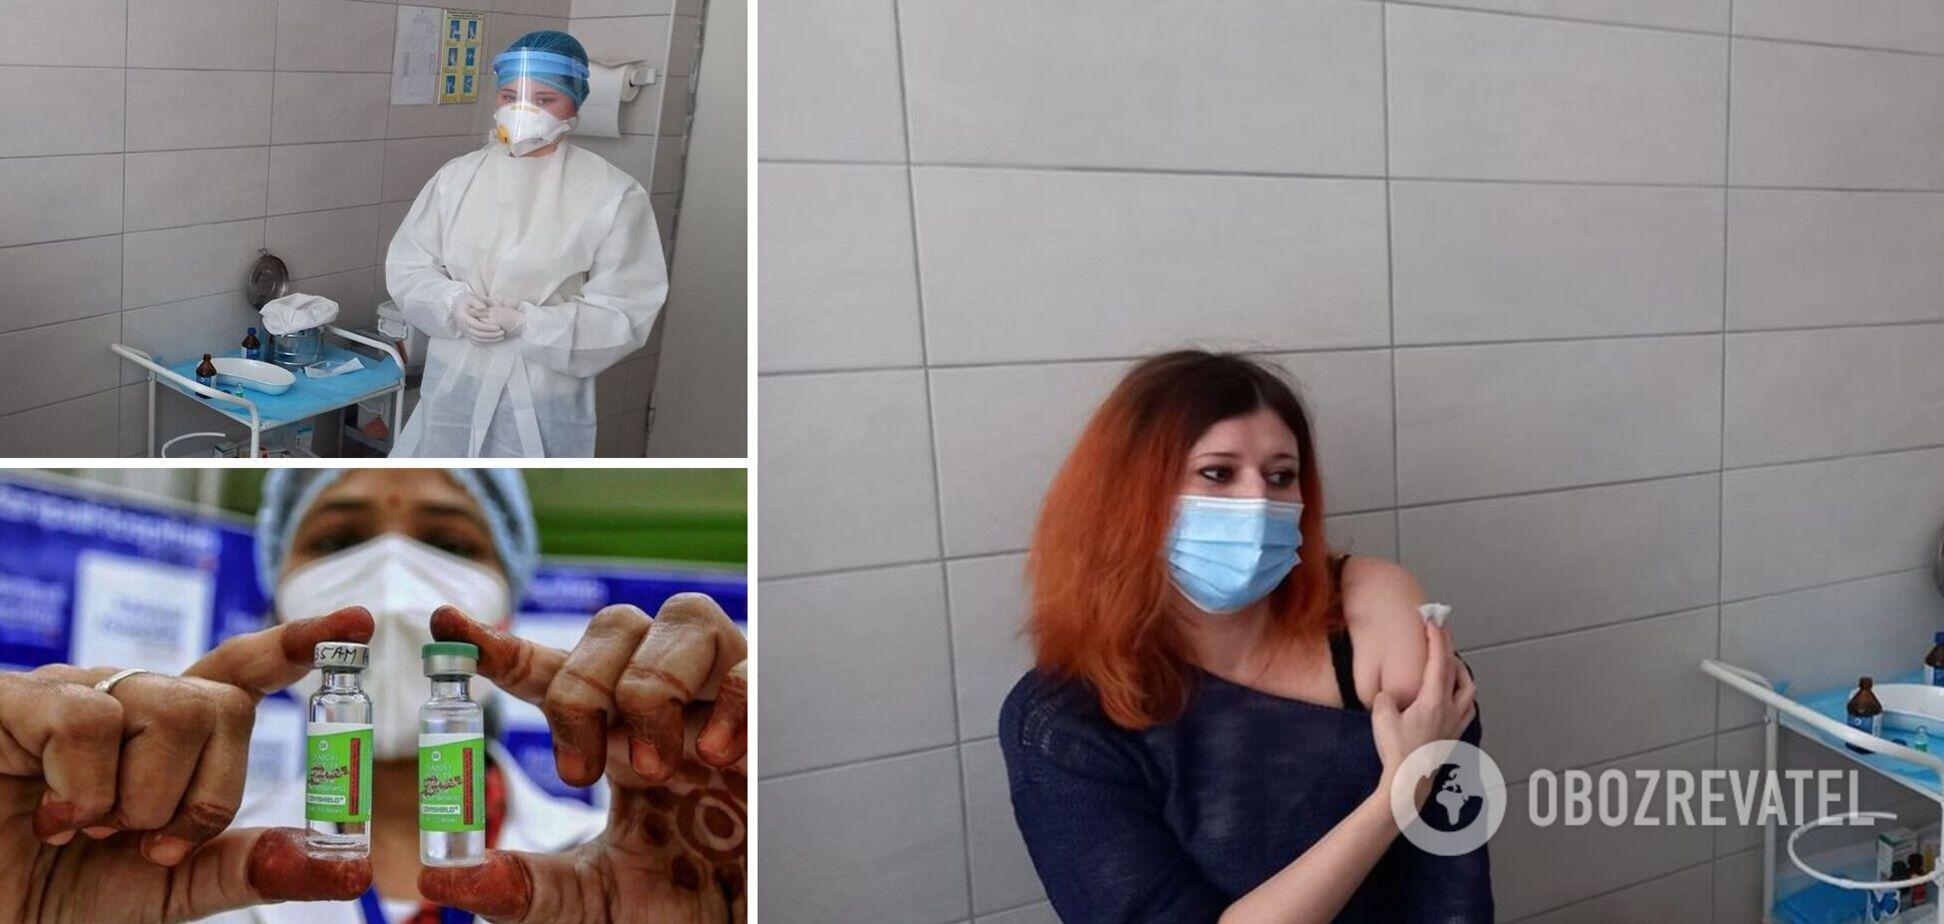 Почему выбрасывают вакцину от COVID-19? Врач рассказала, как сделала 'нестрашную' прививку